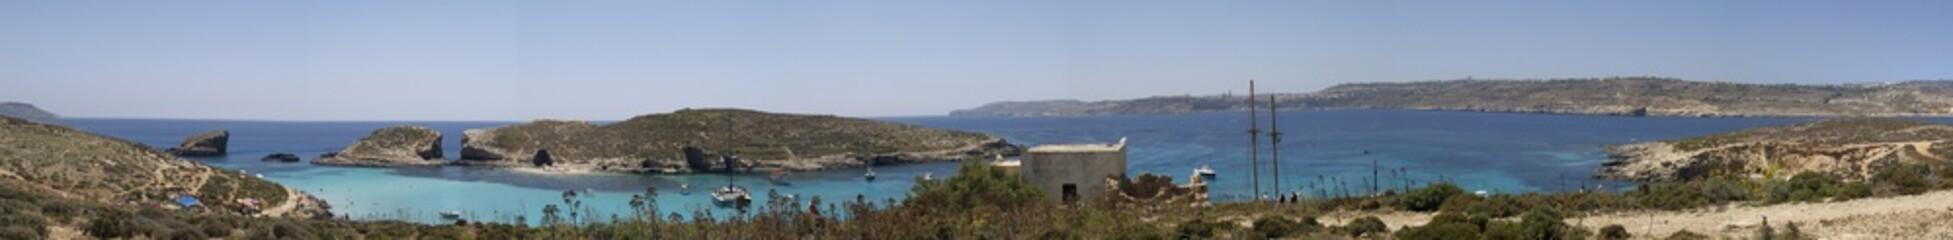 Blue Lagoon, Malta (6)